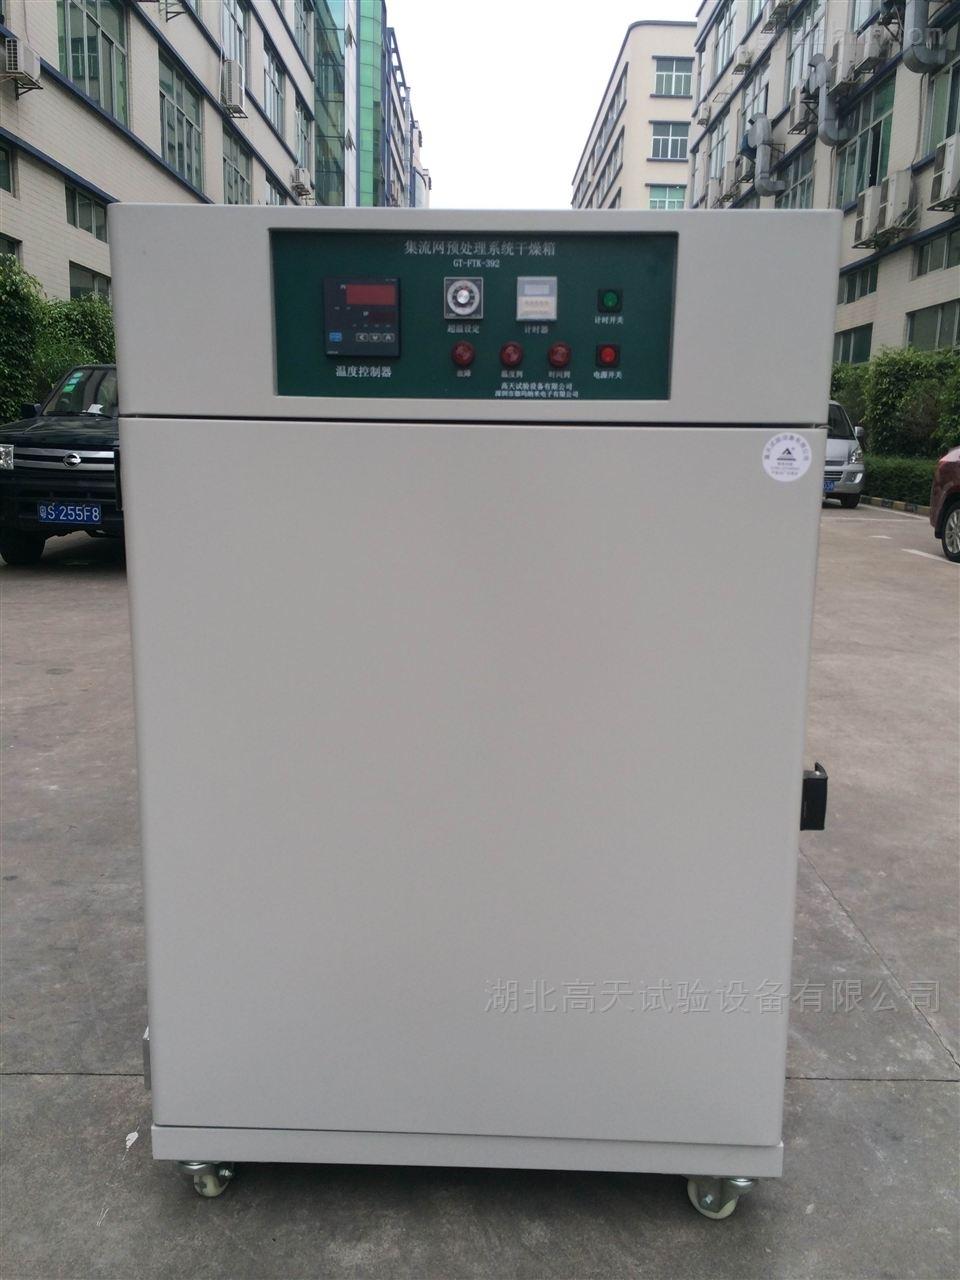 工业精密烤箱高温老化试验箱出厂价格